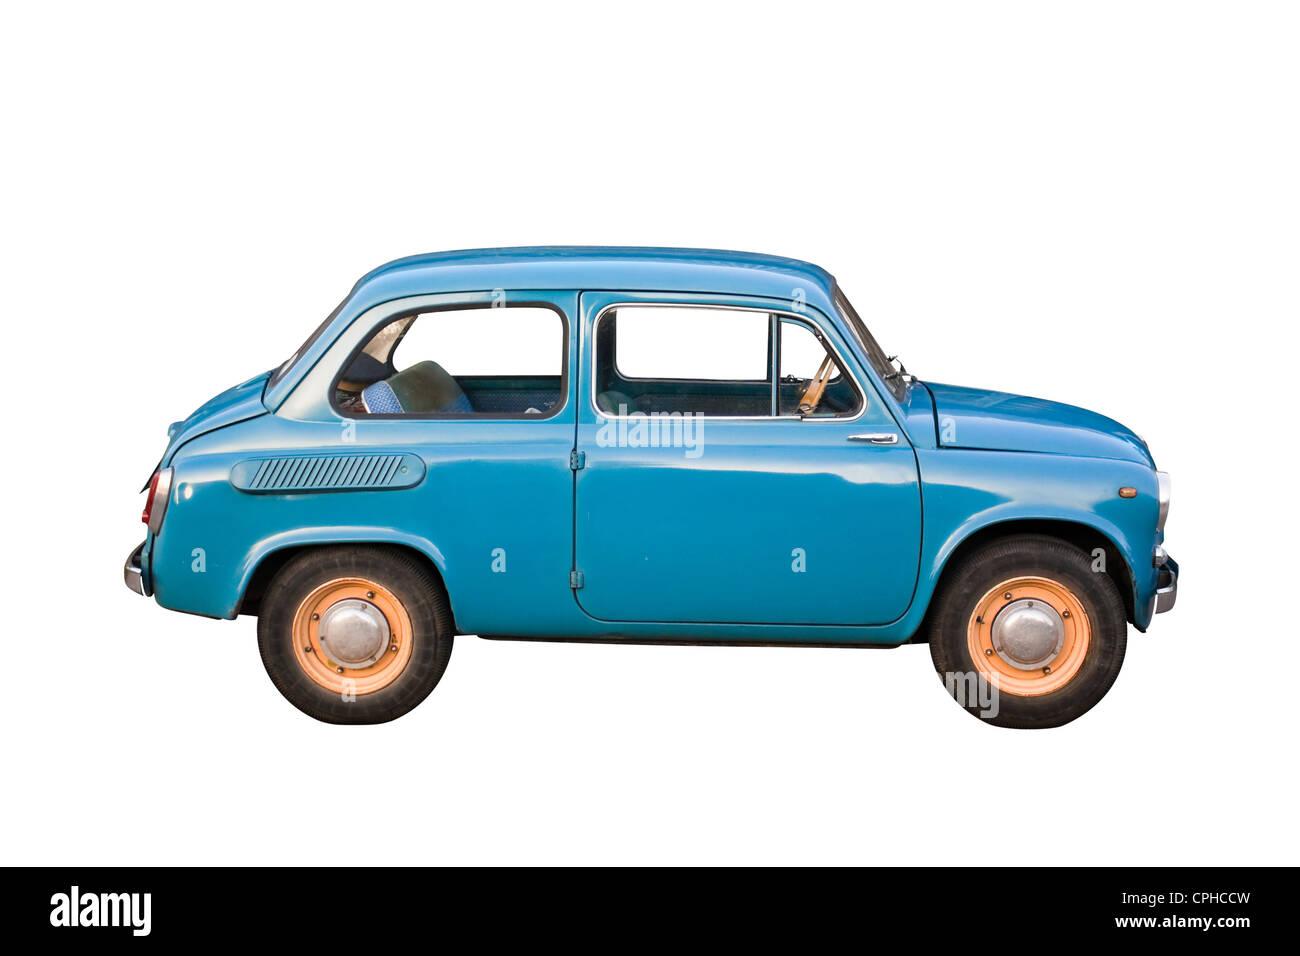 Sous-compacte bleue voiture ancienne soviétique isolé sur fond blanc Photo Stock